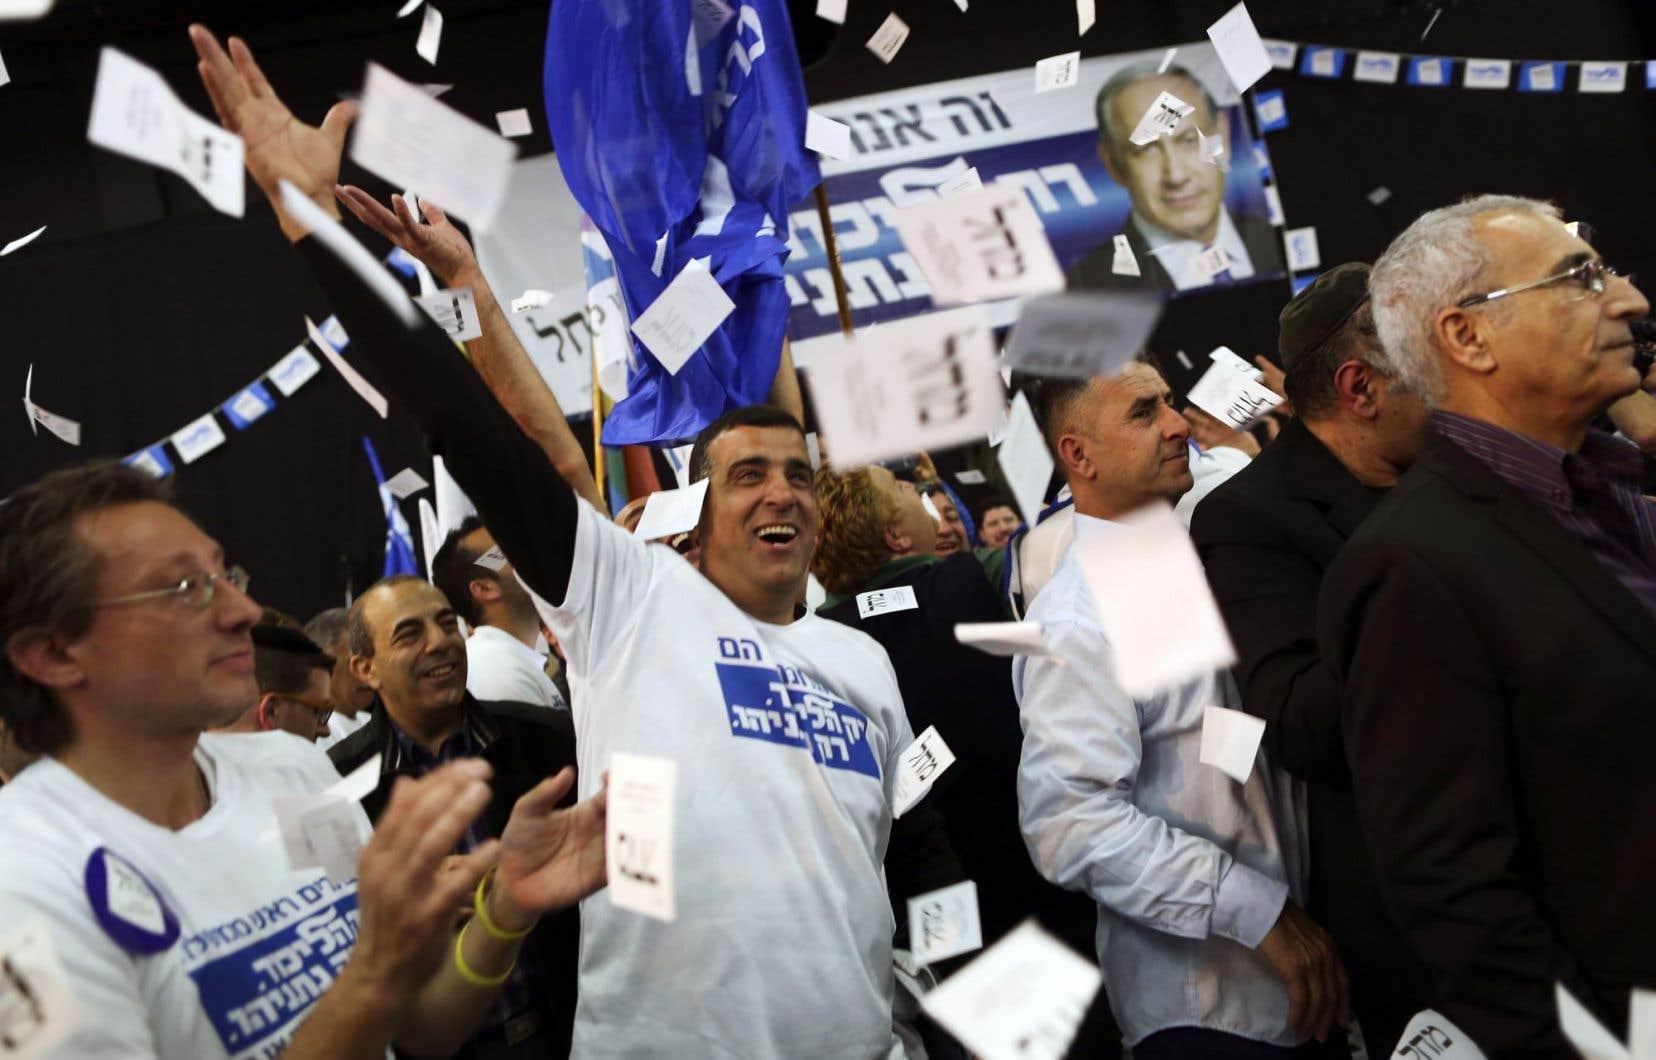 Des partisans du premier ministre israélien sortant, Benjamin Nétanyahou, ont célébré mardi soir les résultats des sondages à la sortie des urnes de deux chaînes de télévision donnant l'avance au Likoud.